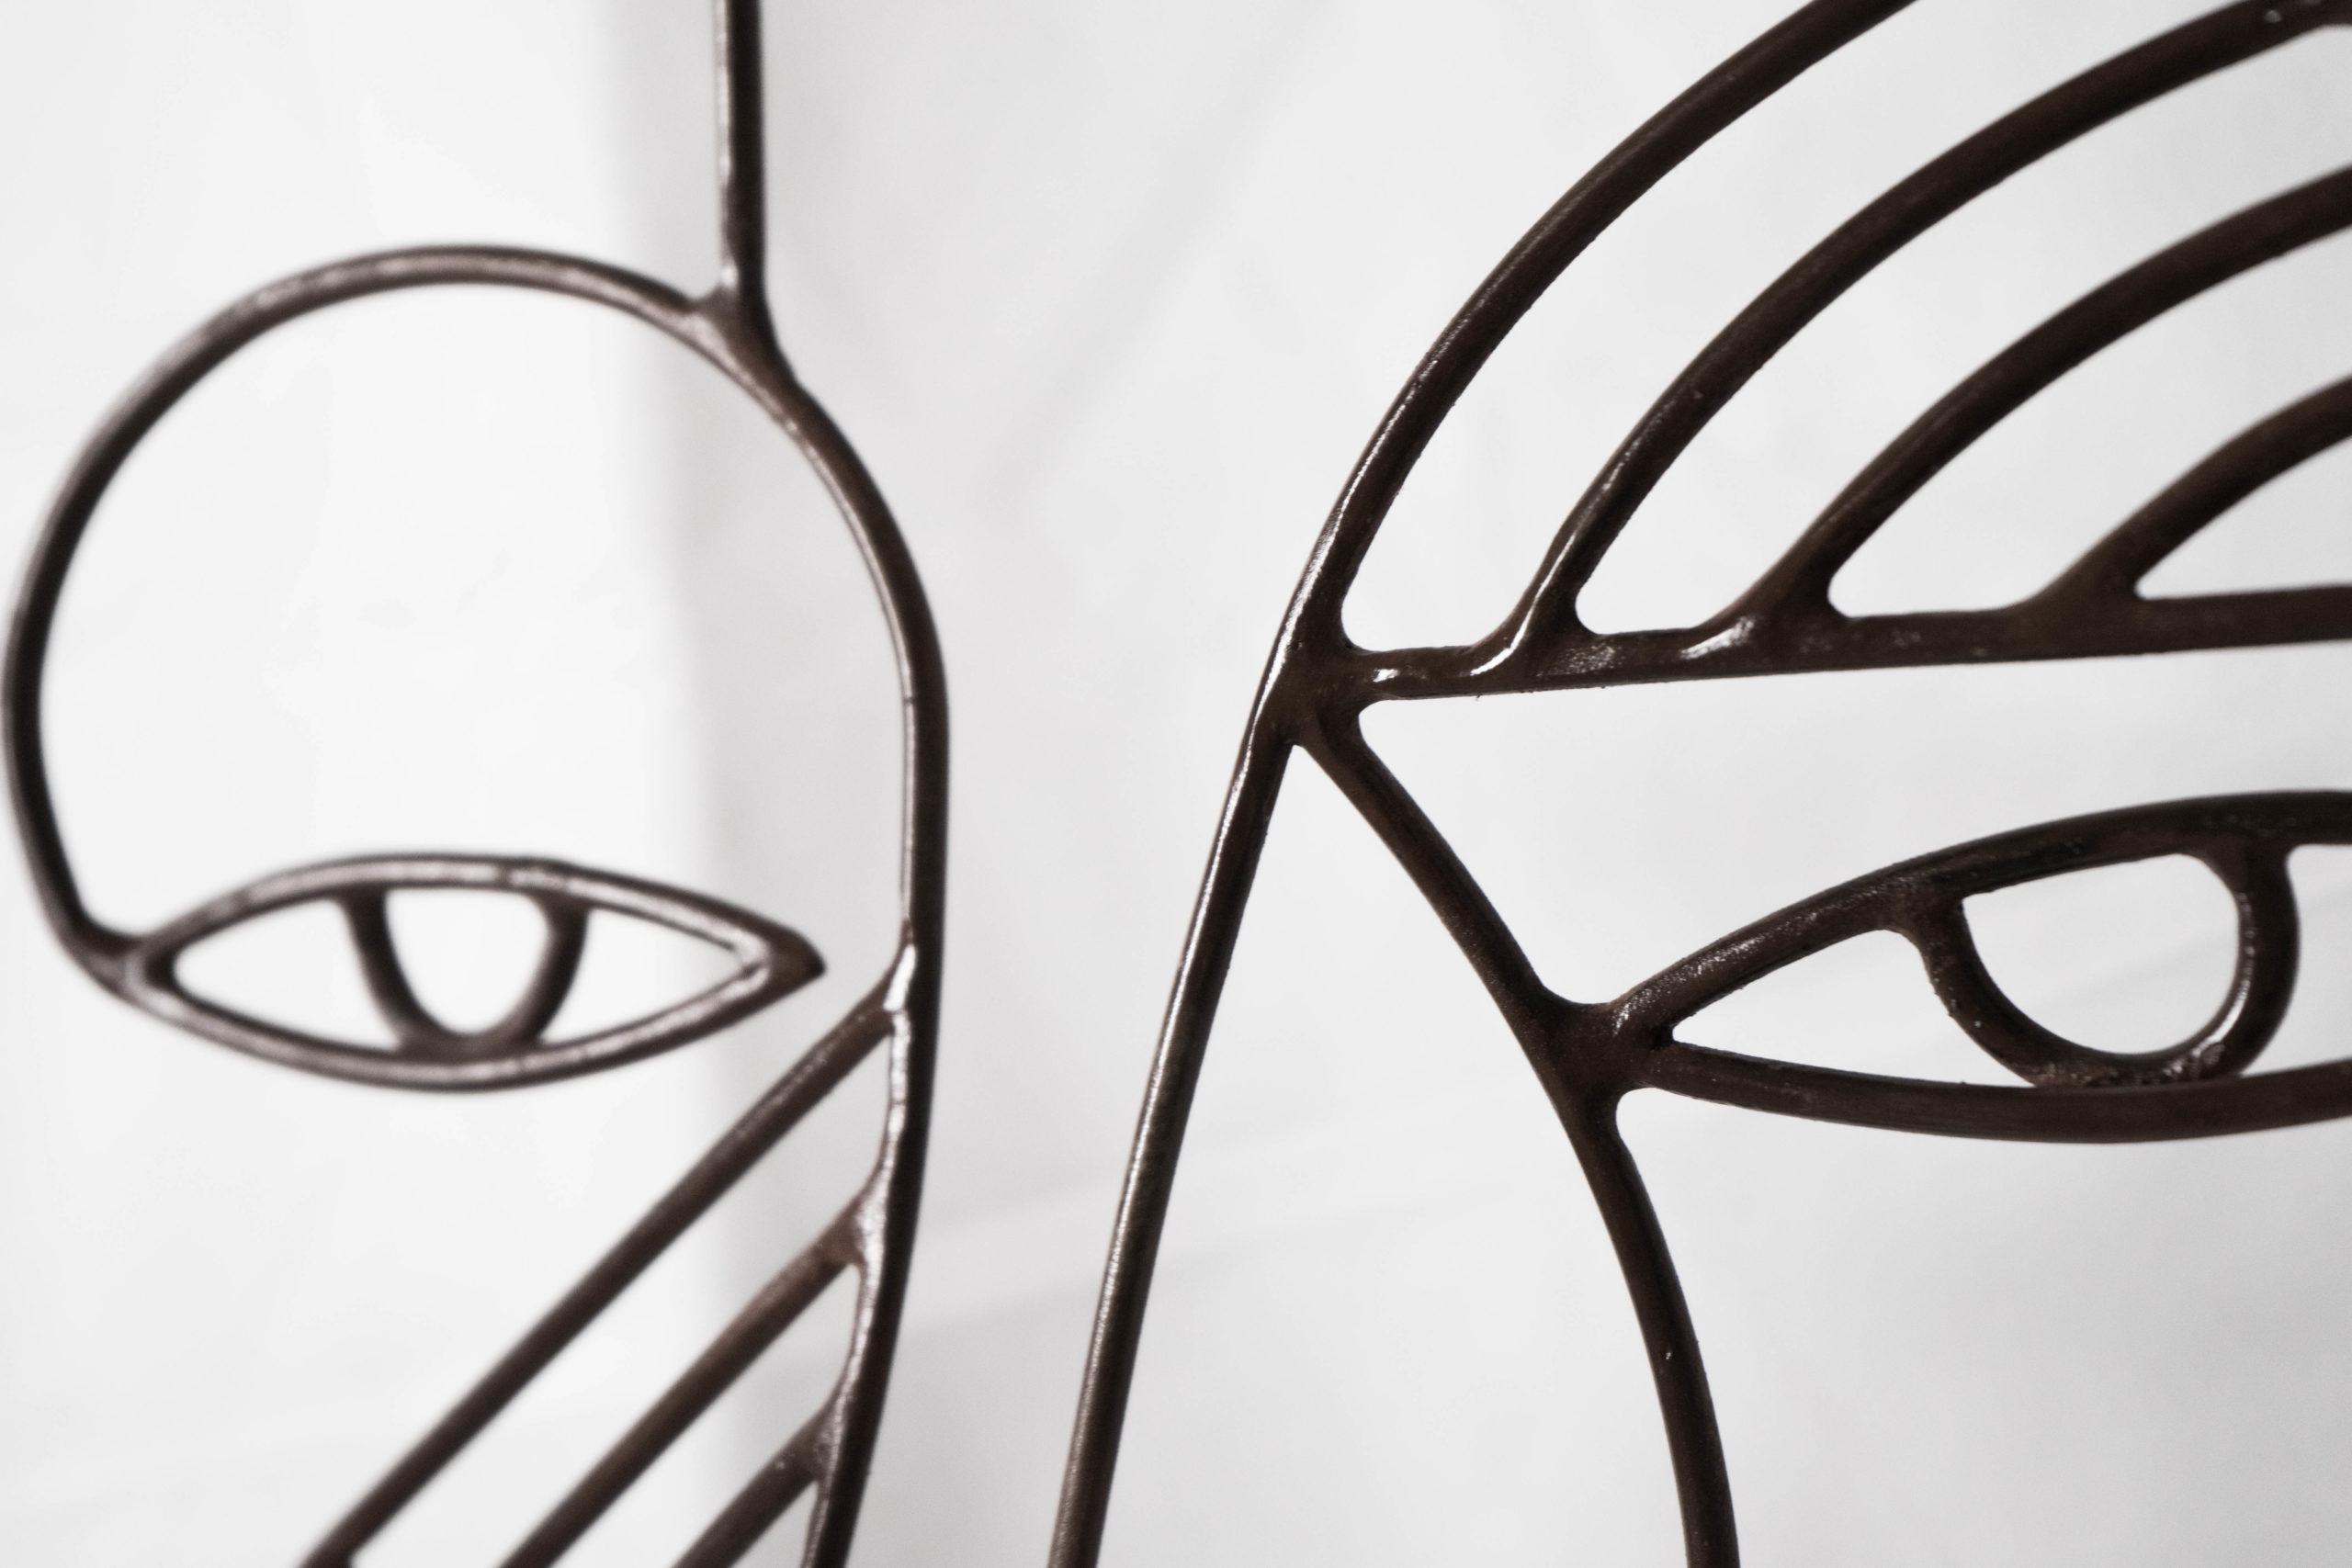 detalles de acabados escultura fabricada a mano